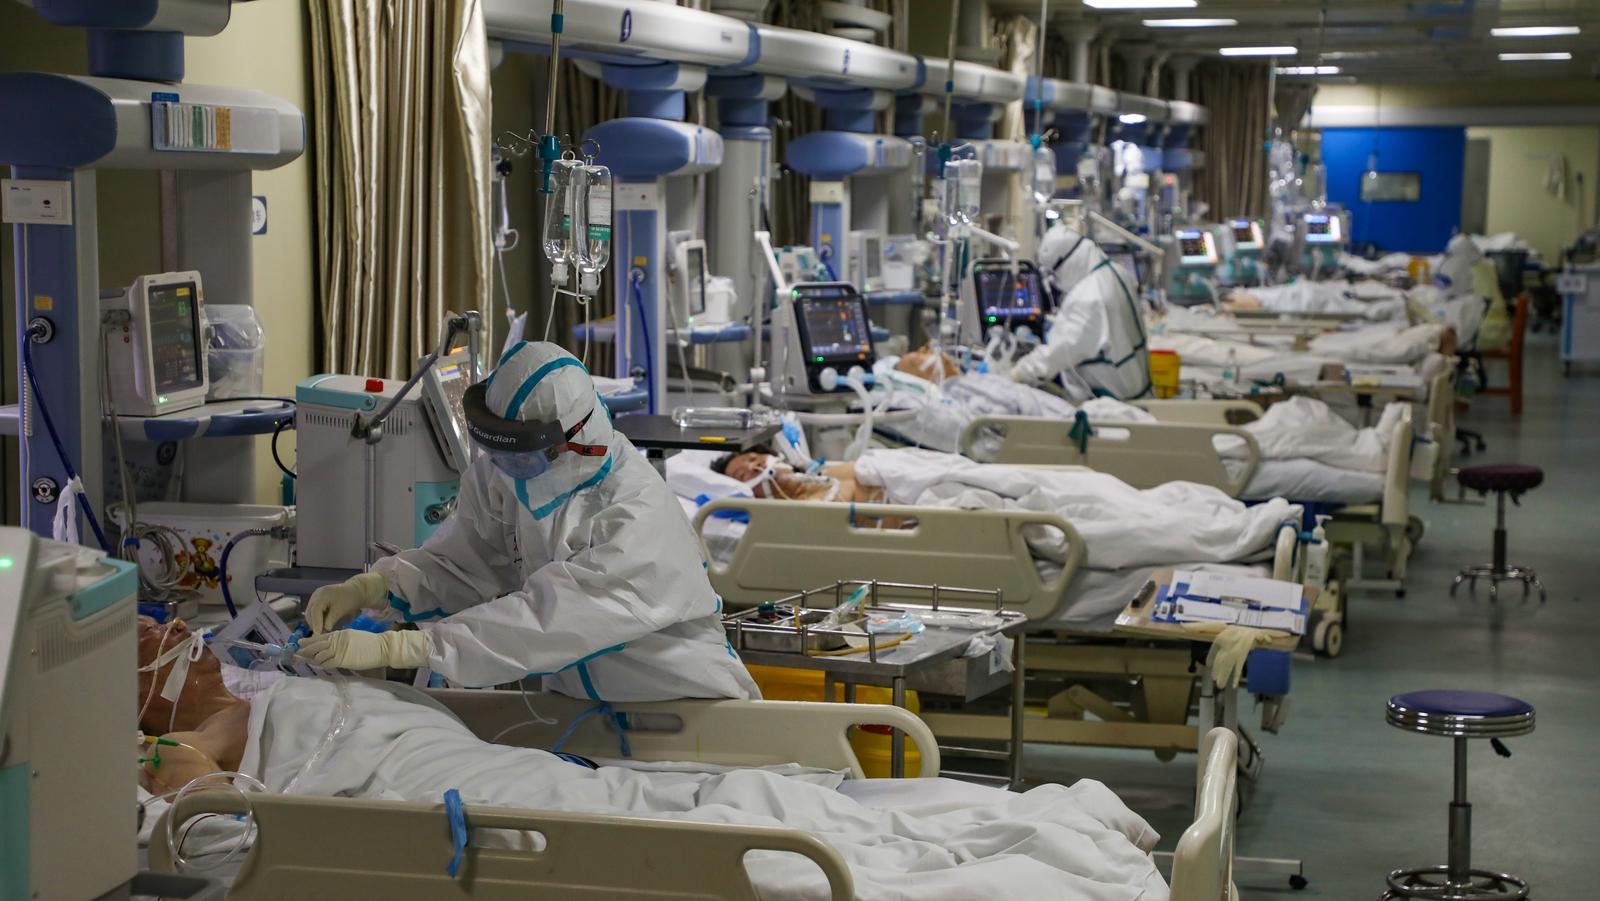 منظمة الصحة العالمية : فيروس كورونا خطير للغاية وقد يرتفع عدد الوفيات والمصابين بشكل كبير قريباً